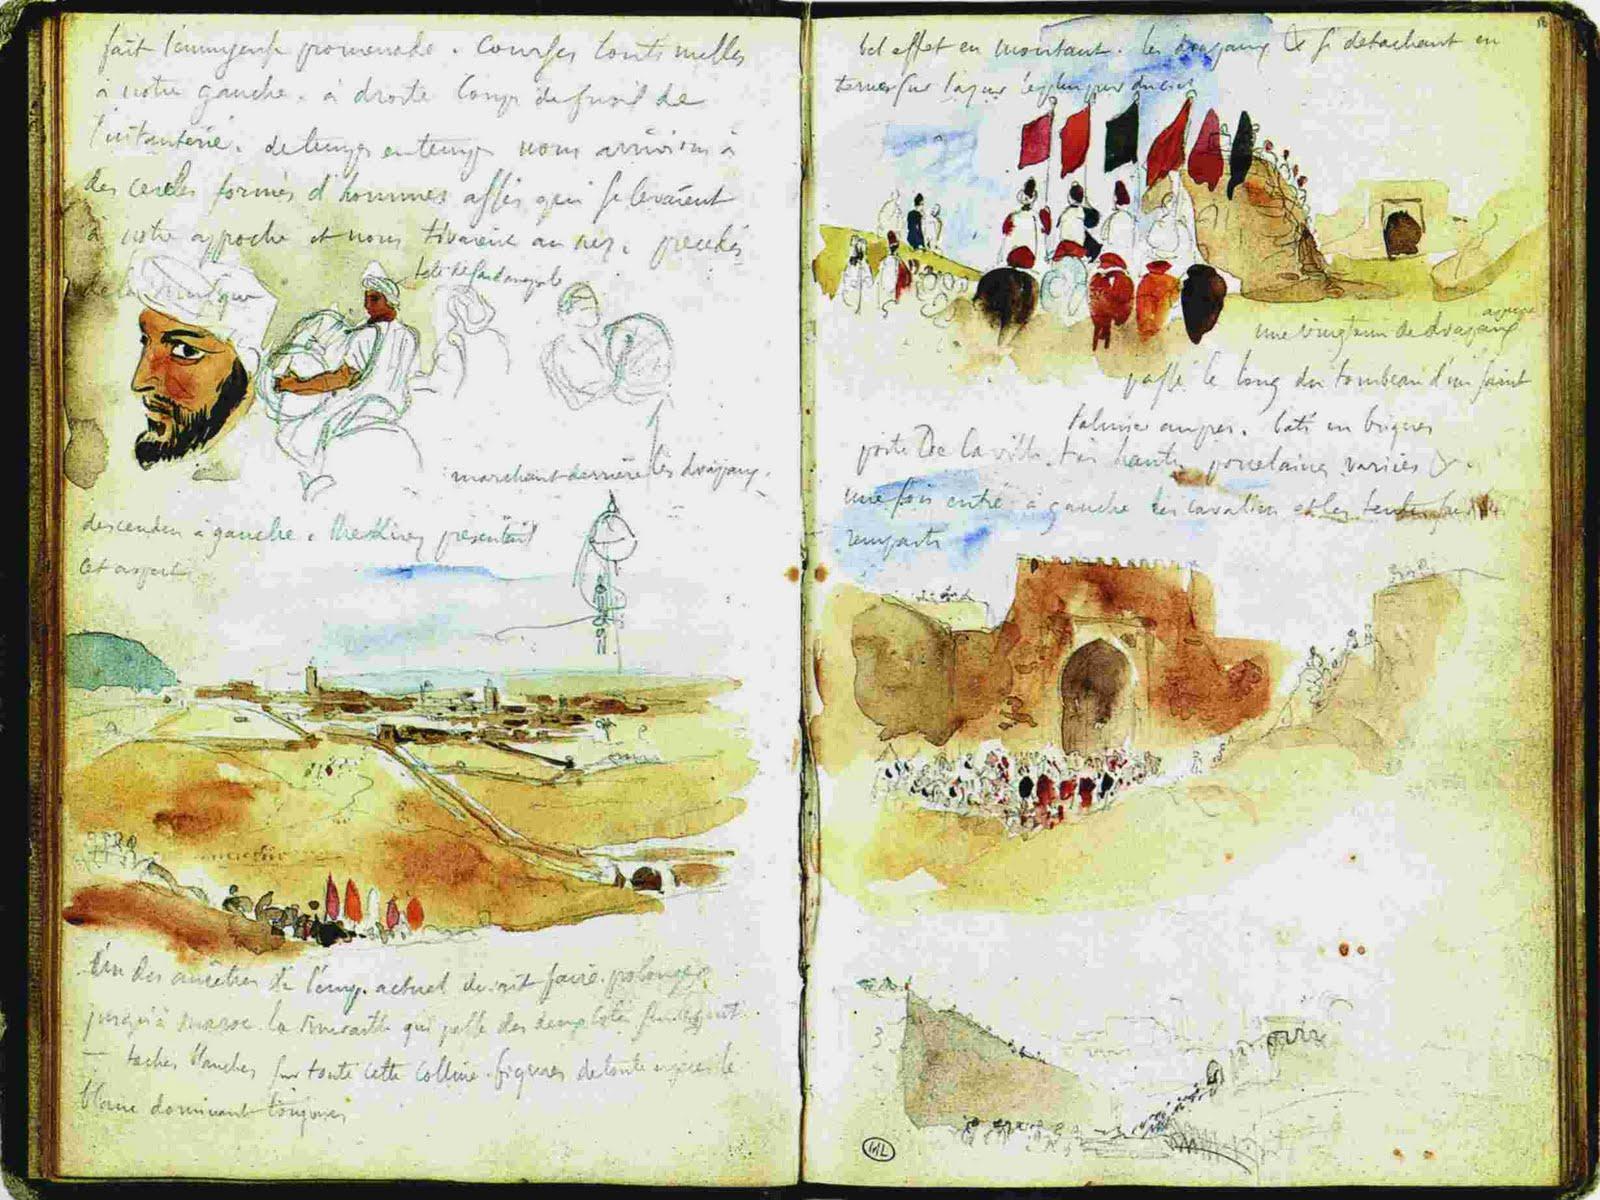 Cuaderno del viaje de Delacriox por Maruecos.